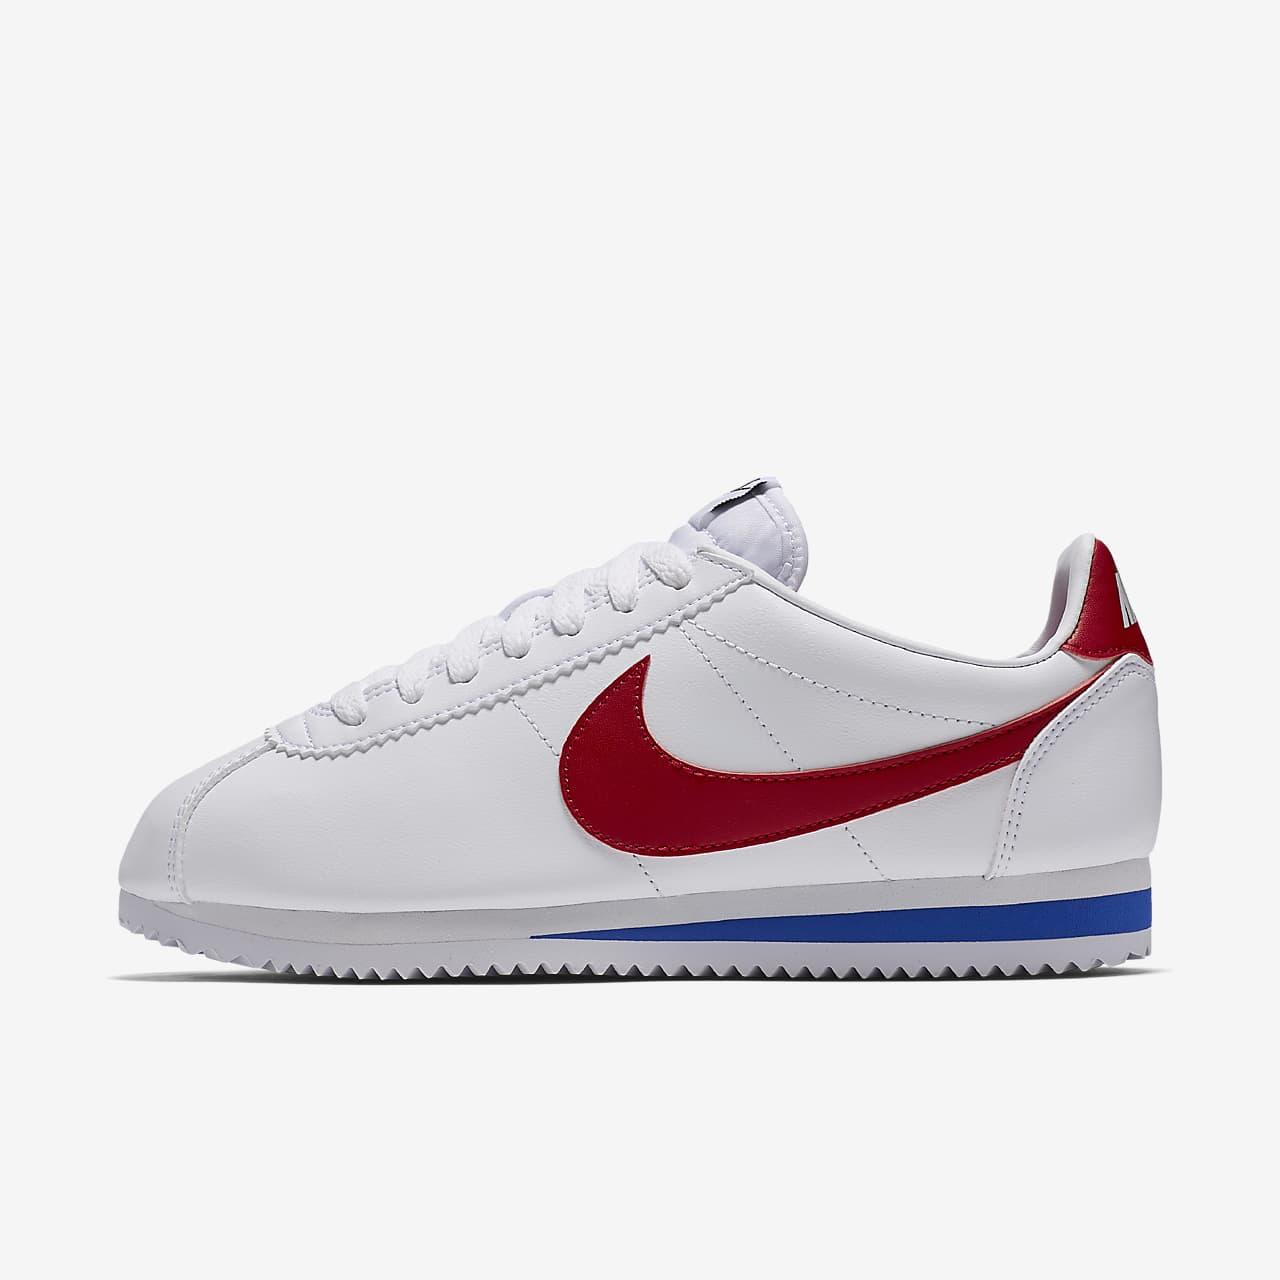 Nike Classic Cortez Women's Shoes